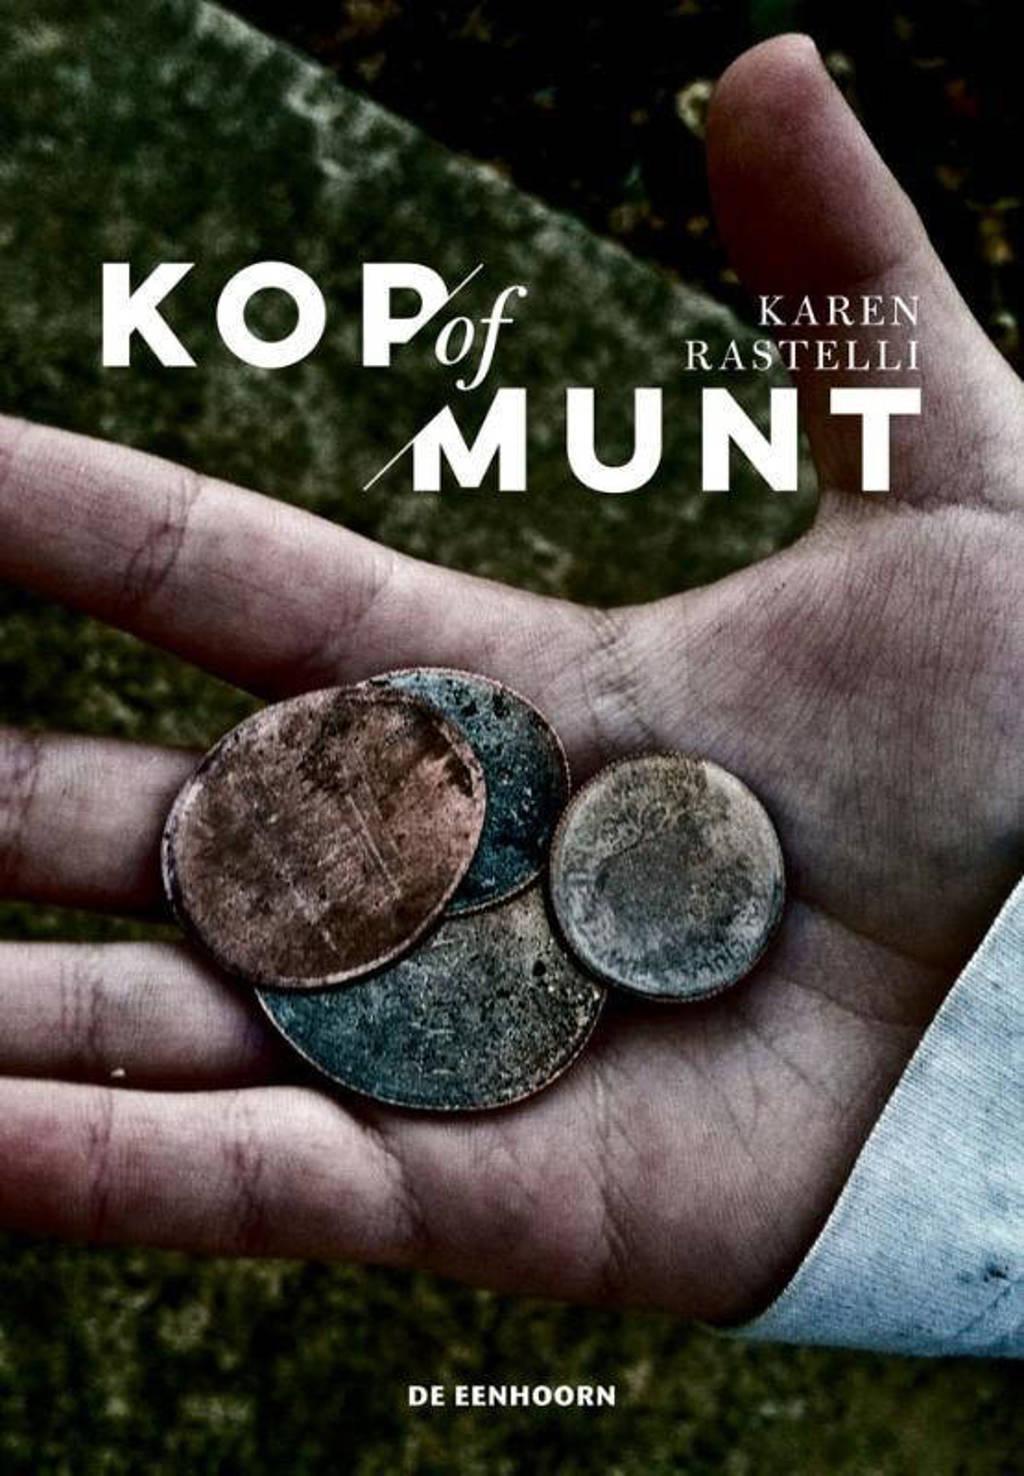 Kop of munt - Karen Rastelli